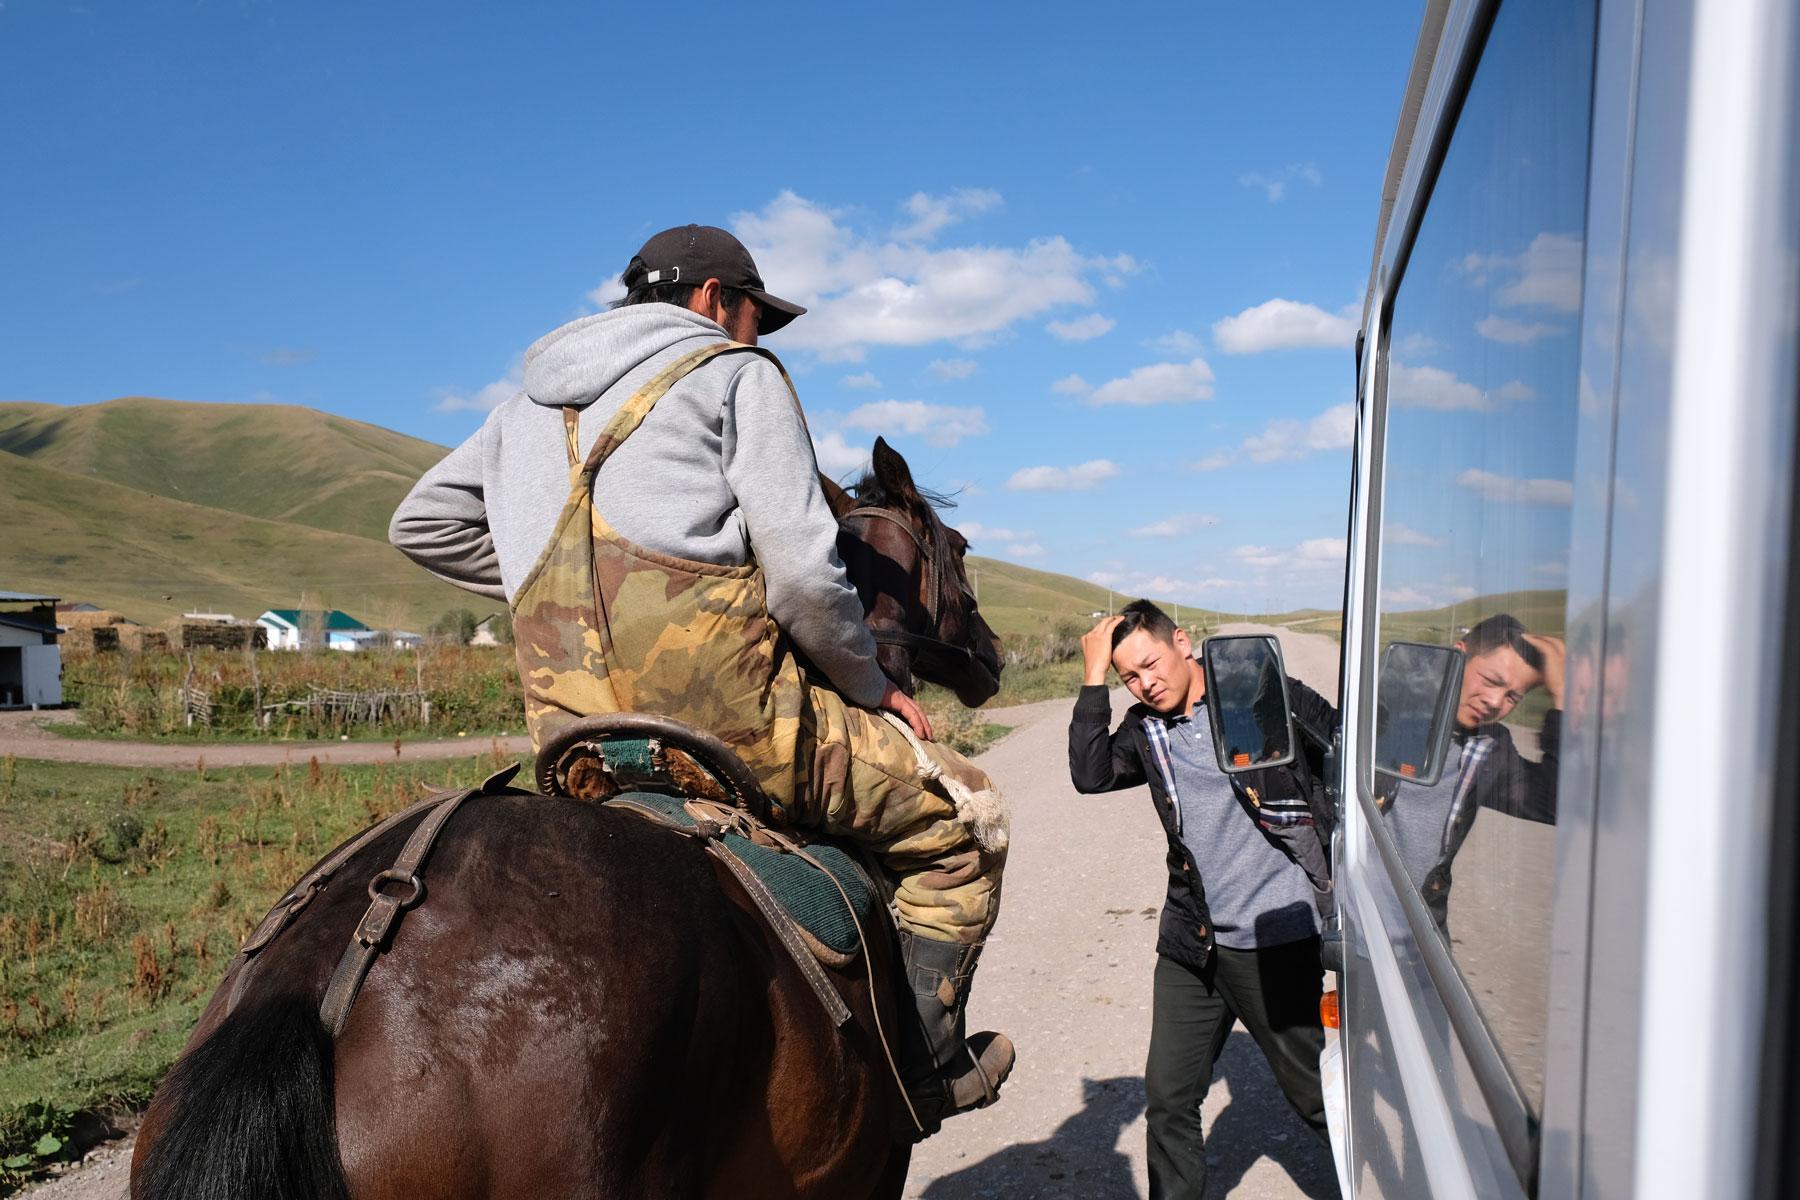 Reiter kommen ans Auto und geben Säcke hinen oder nehmen andere entgegen